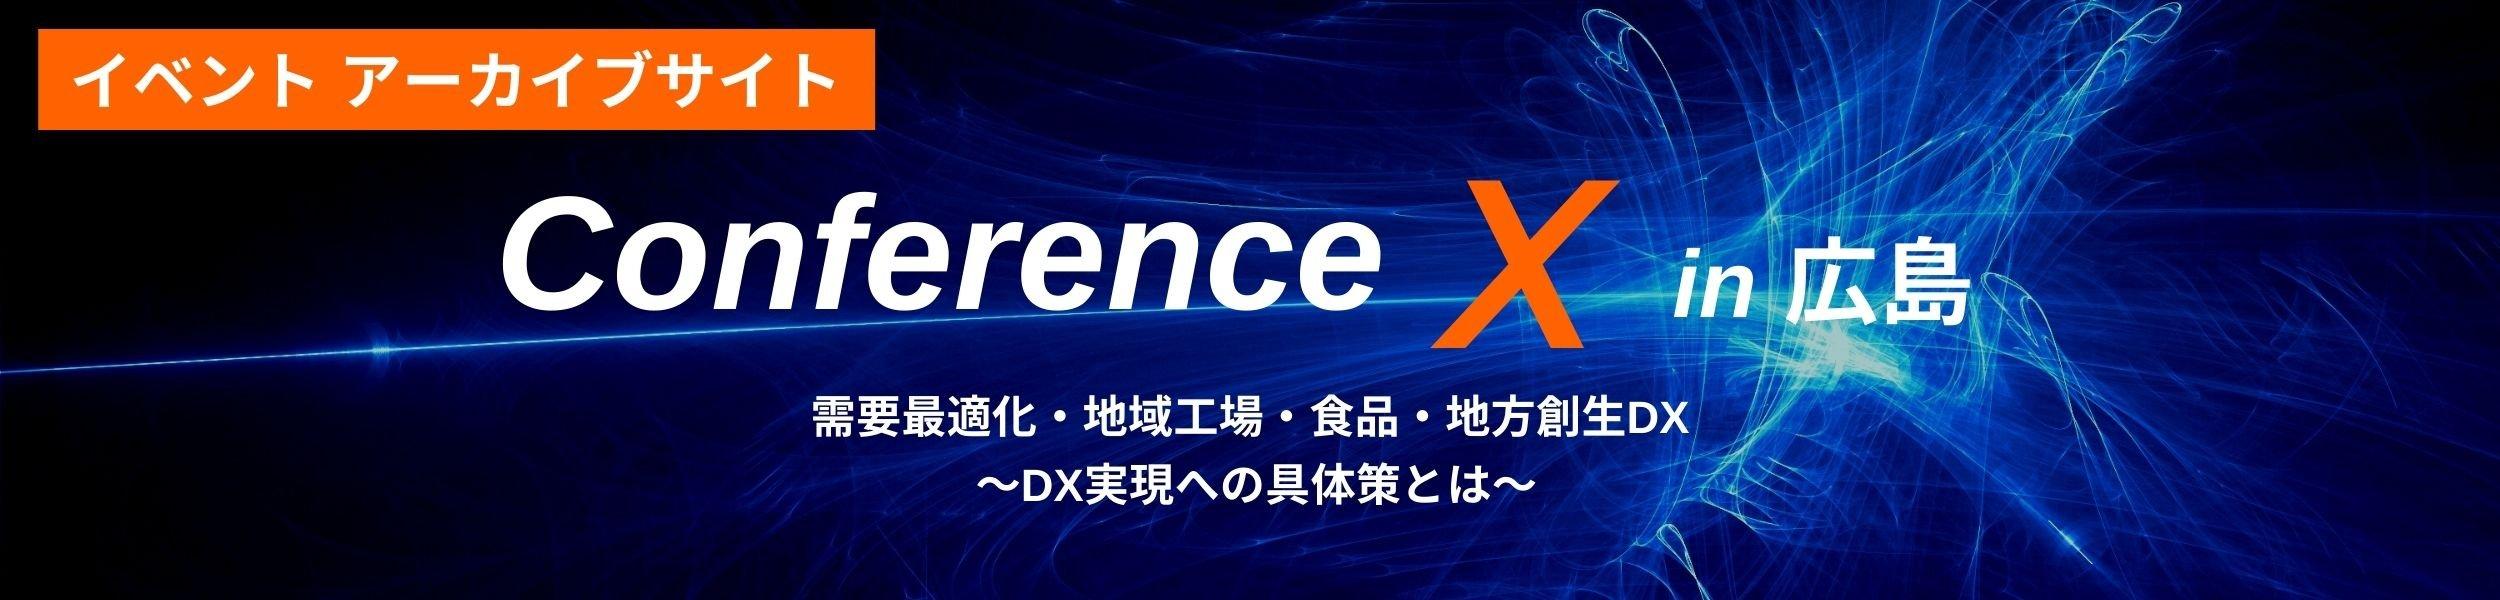 Conf-x イベントアーカイブサイトTOP